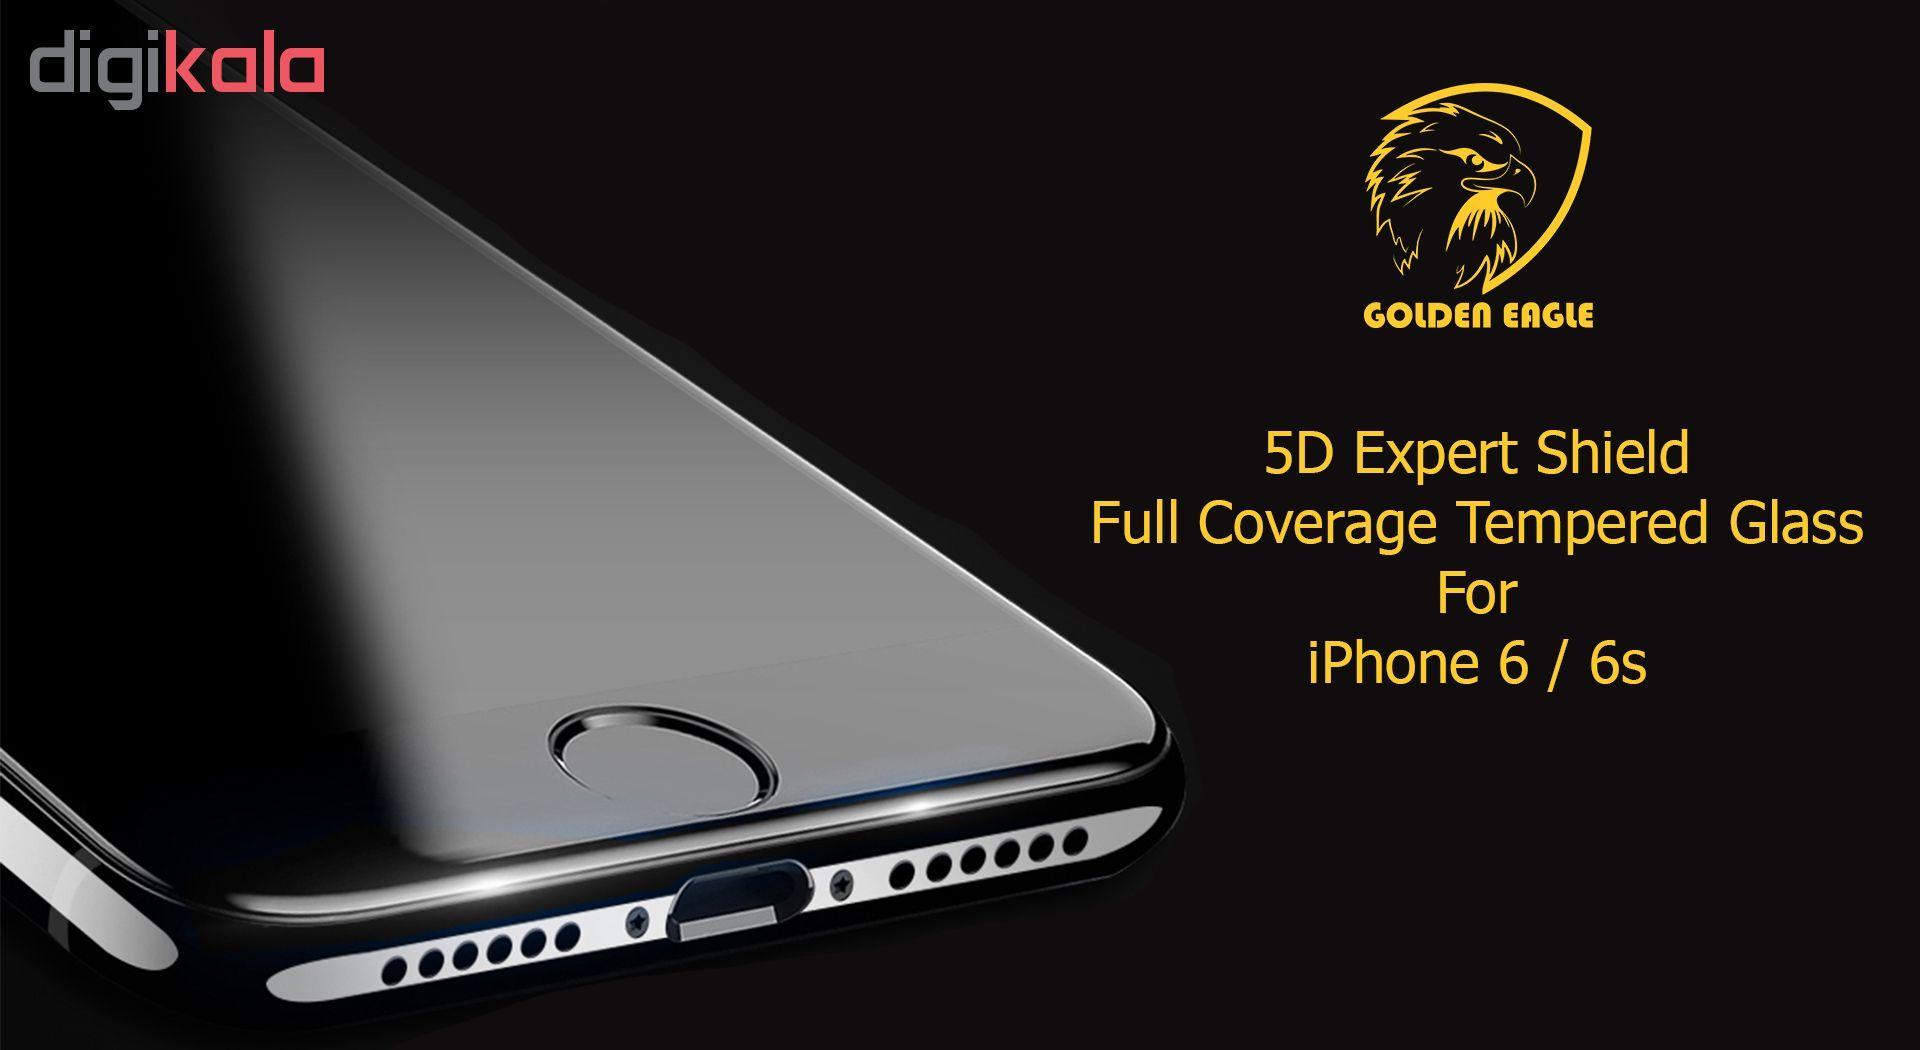 محافظ صفحه نمایش گلدن ایگل مدل 5D Expert Shield مناسب برای گوشی اپل آیفون  6/6S main 1 6